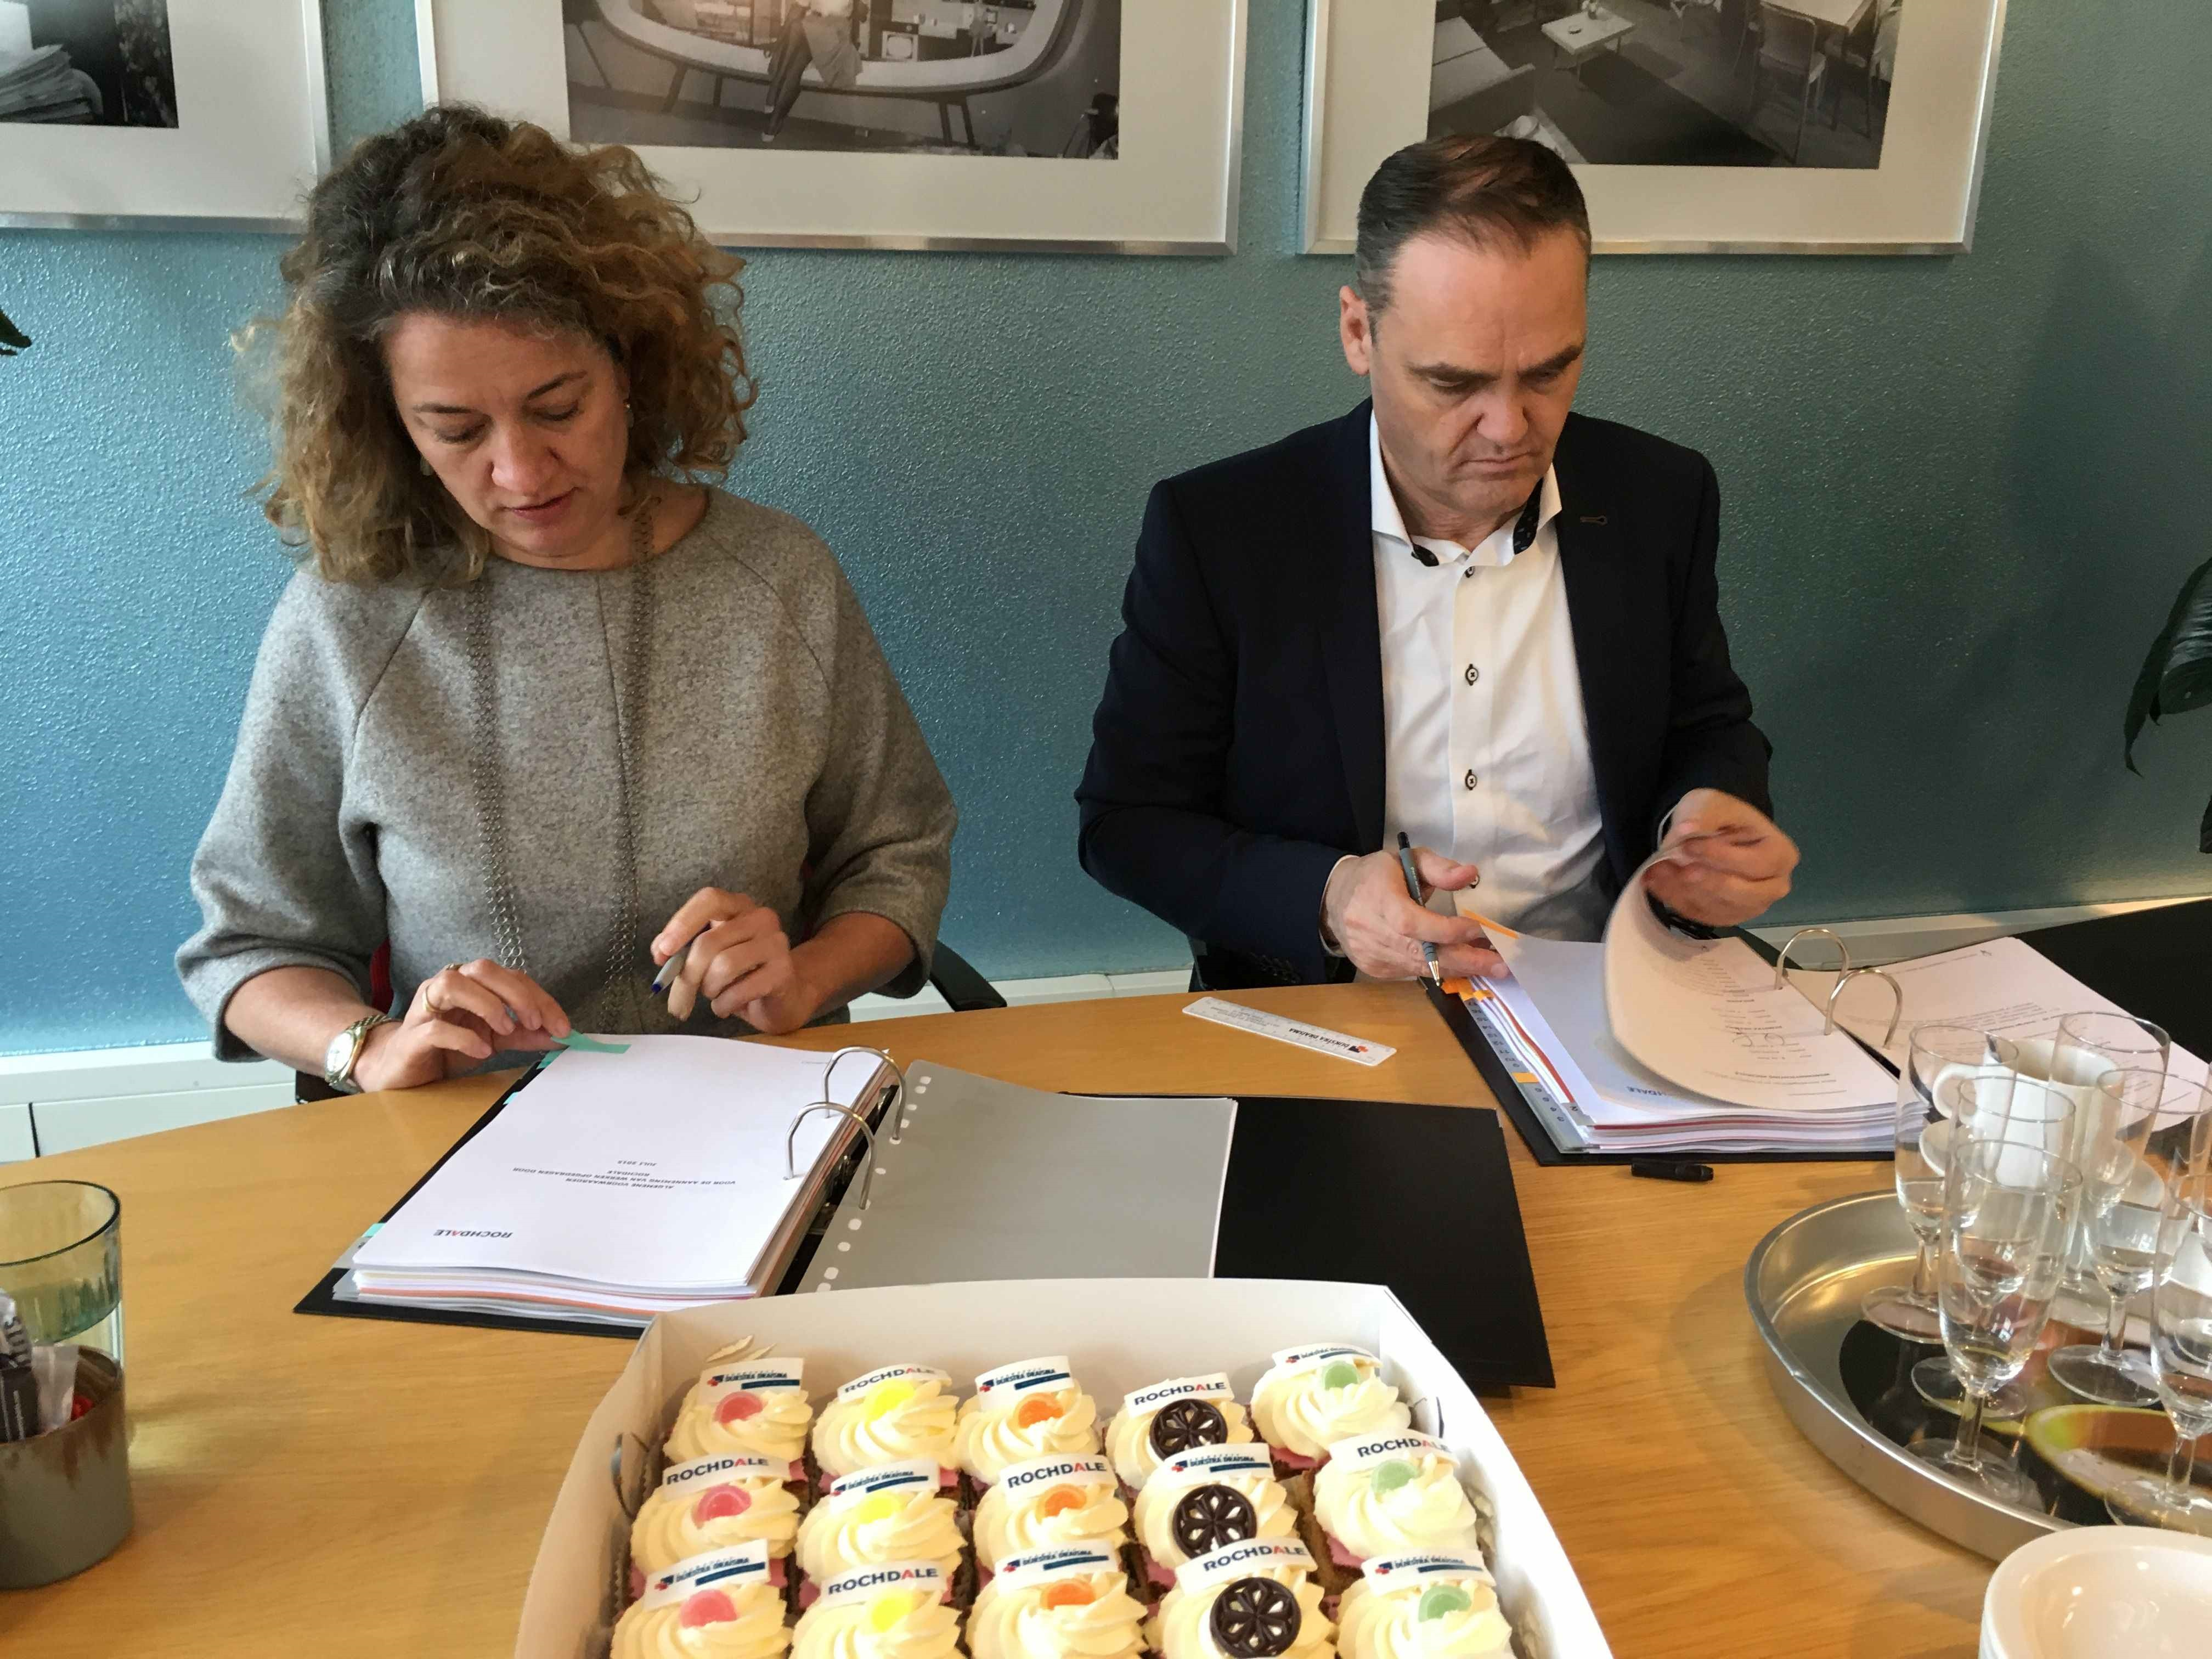 Birgitte de Maar en Biense Dijkstra zetten hun handtekening. (Foto: aangeleverd)